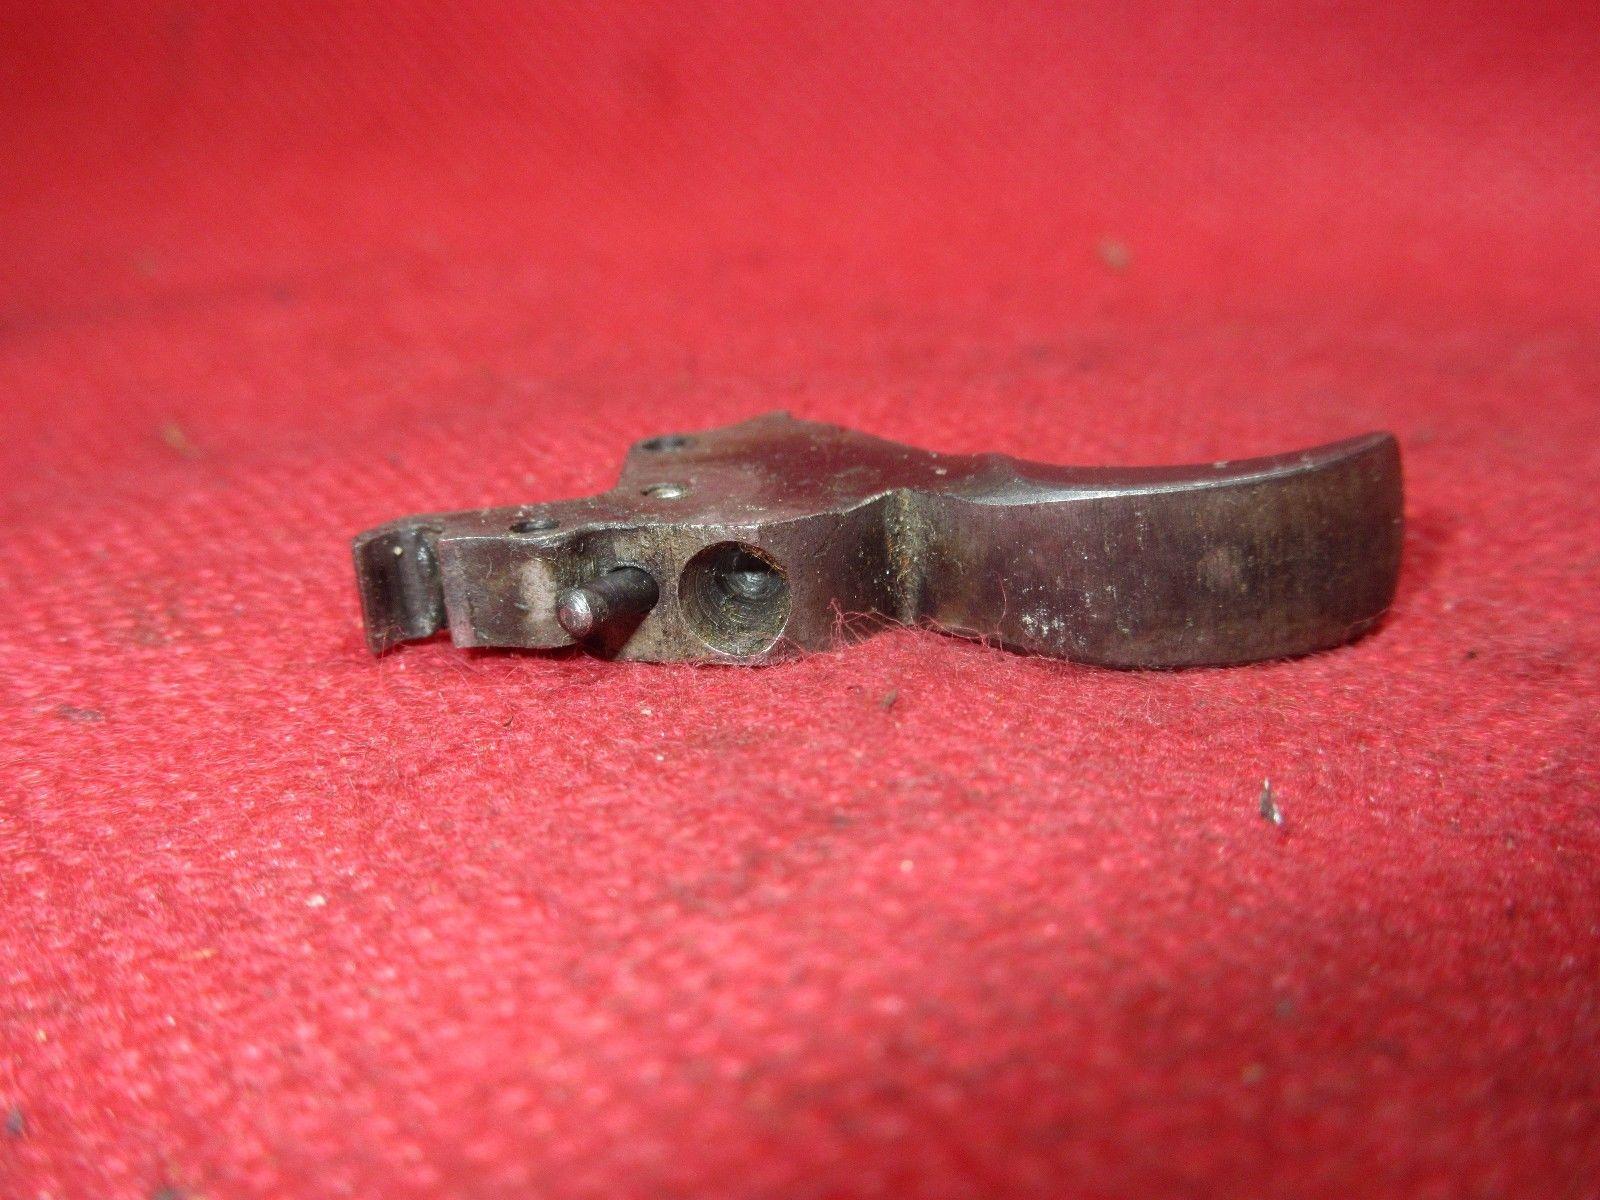 Taurus  Model 85  38 Special Caliber  Parts  Trigger